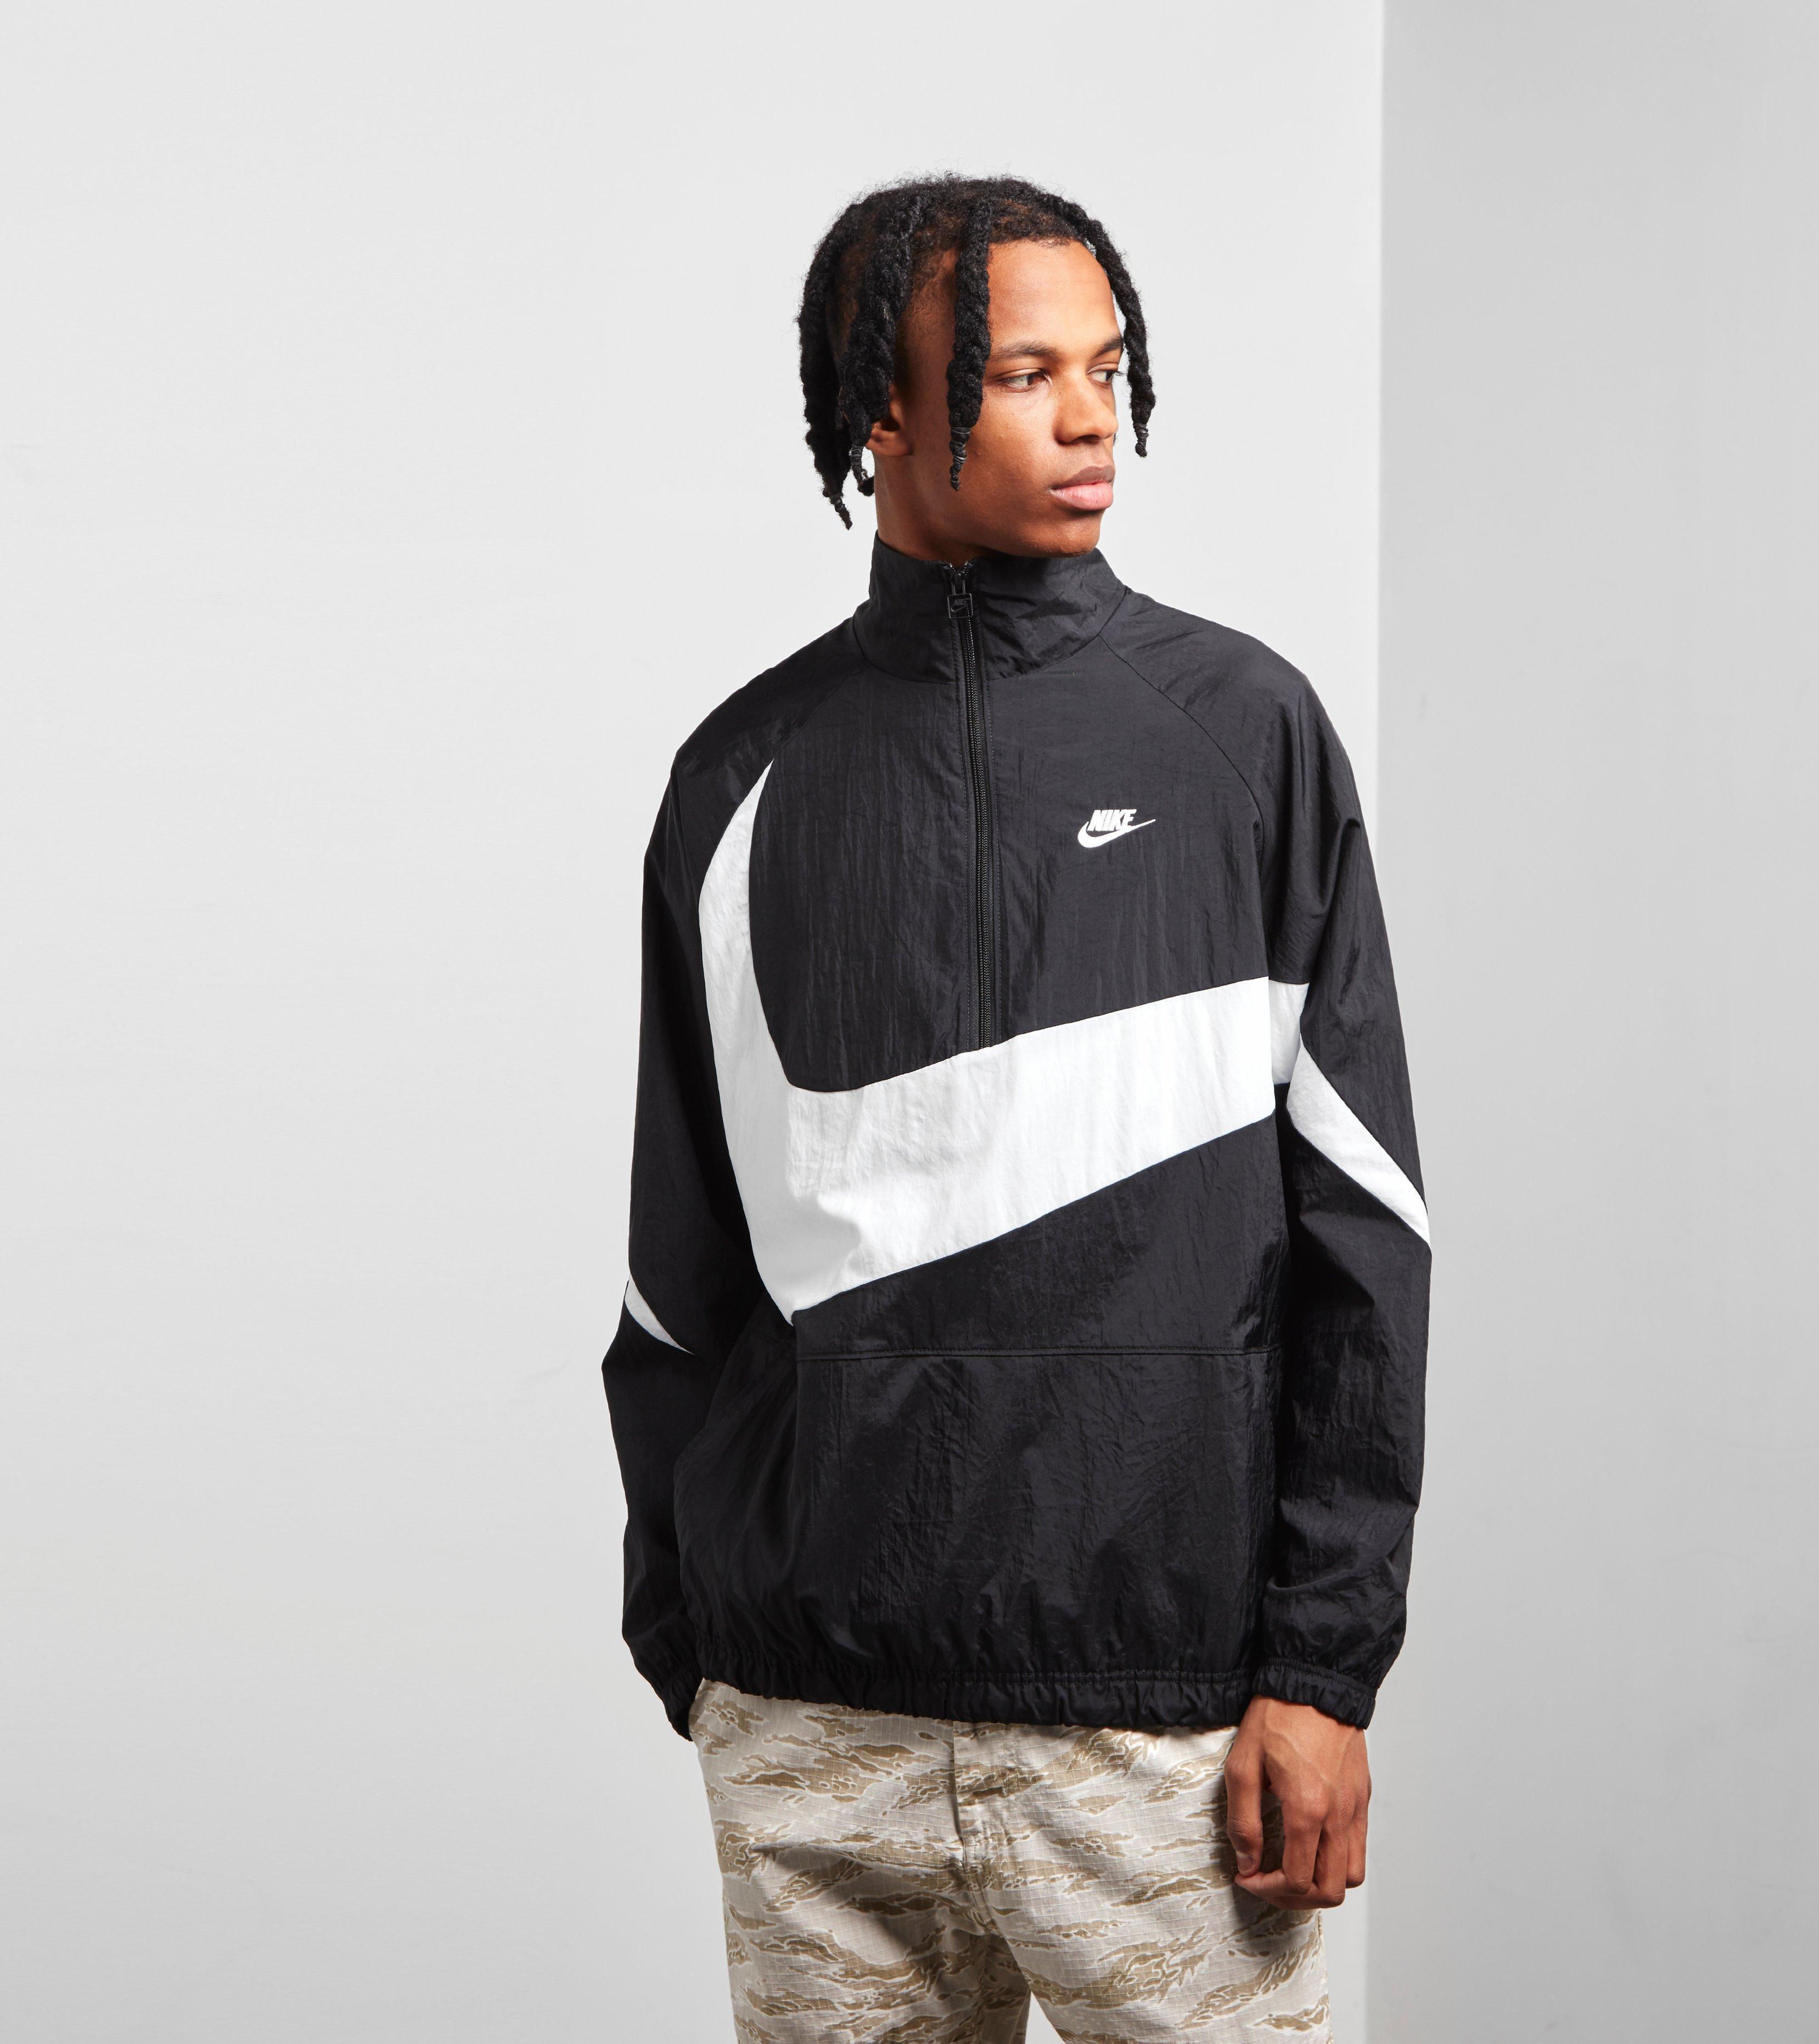 4992b95b0e31 Nike Swoosh Half Zip Woven Jacket in Black for Men - Lyst